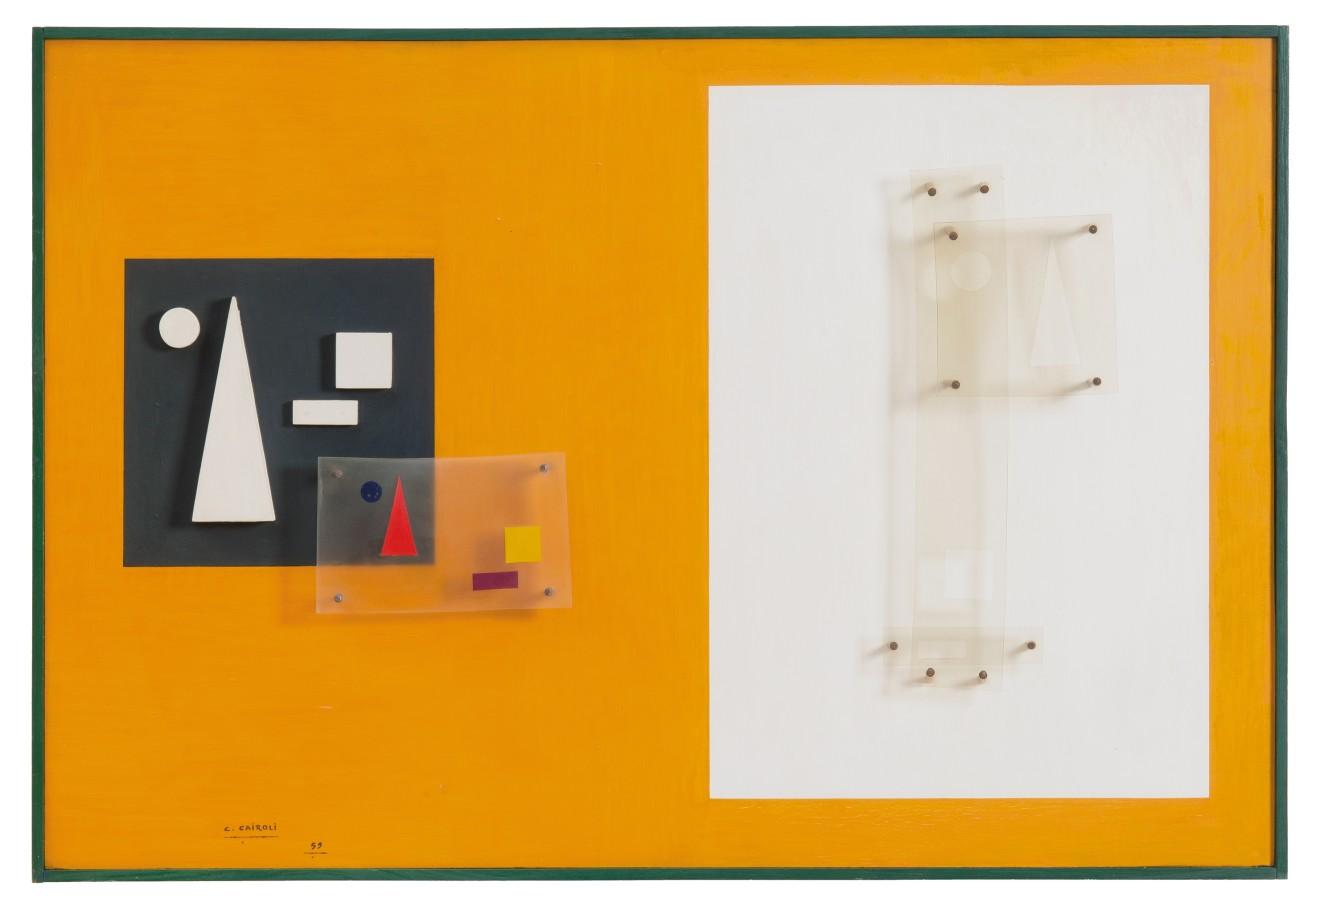 CARLOS CAIROLI, Temps-espaces complémentaires, 1955